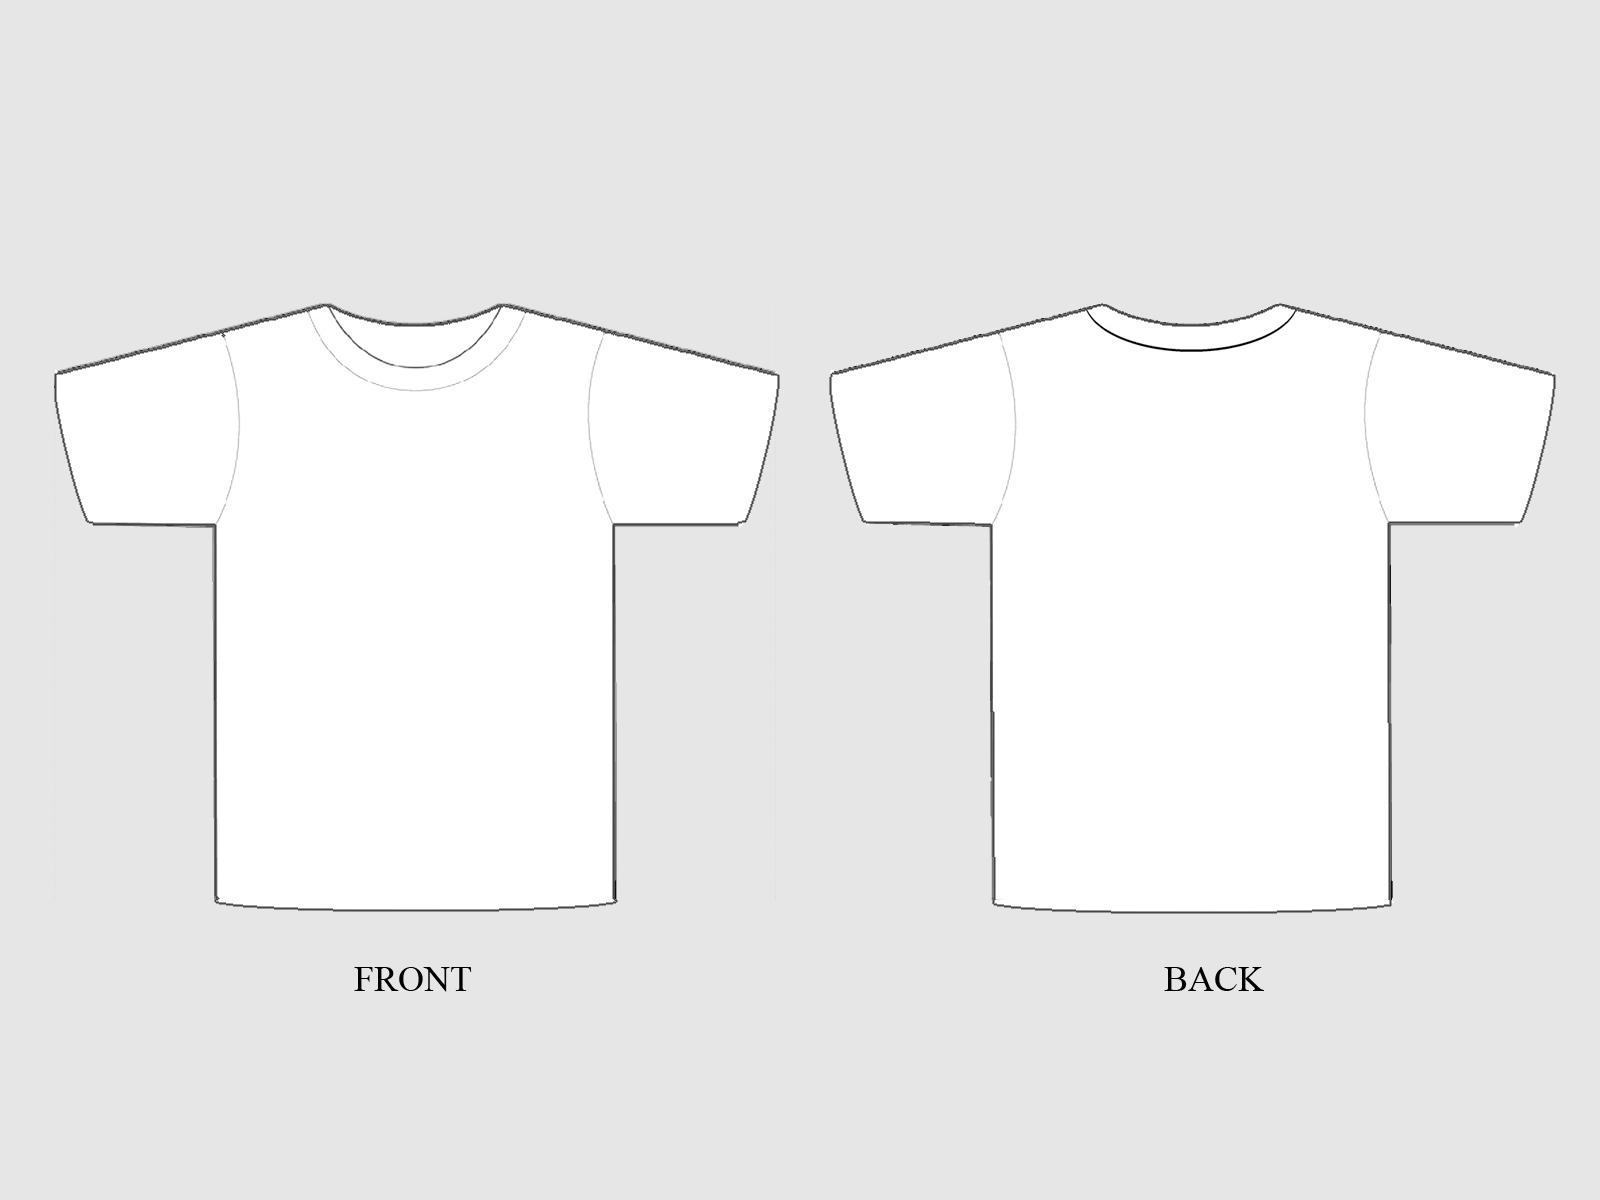 T shirt design kuala lumpur - You